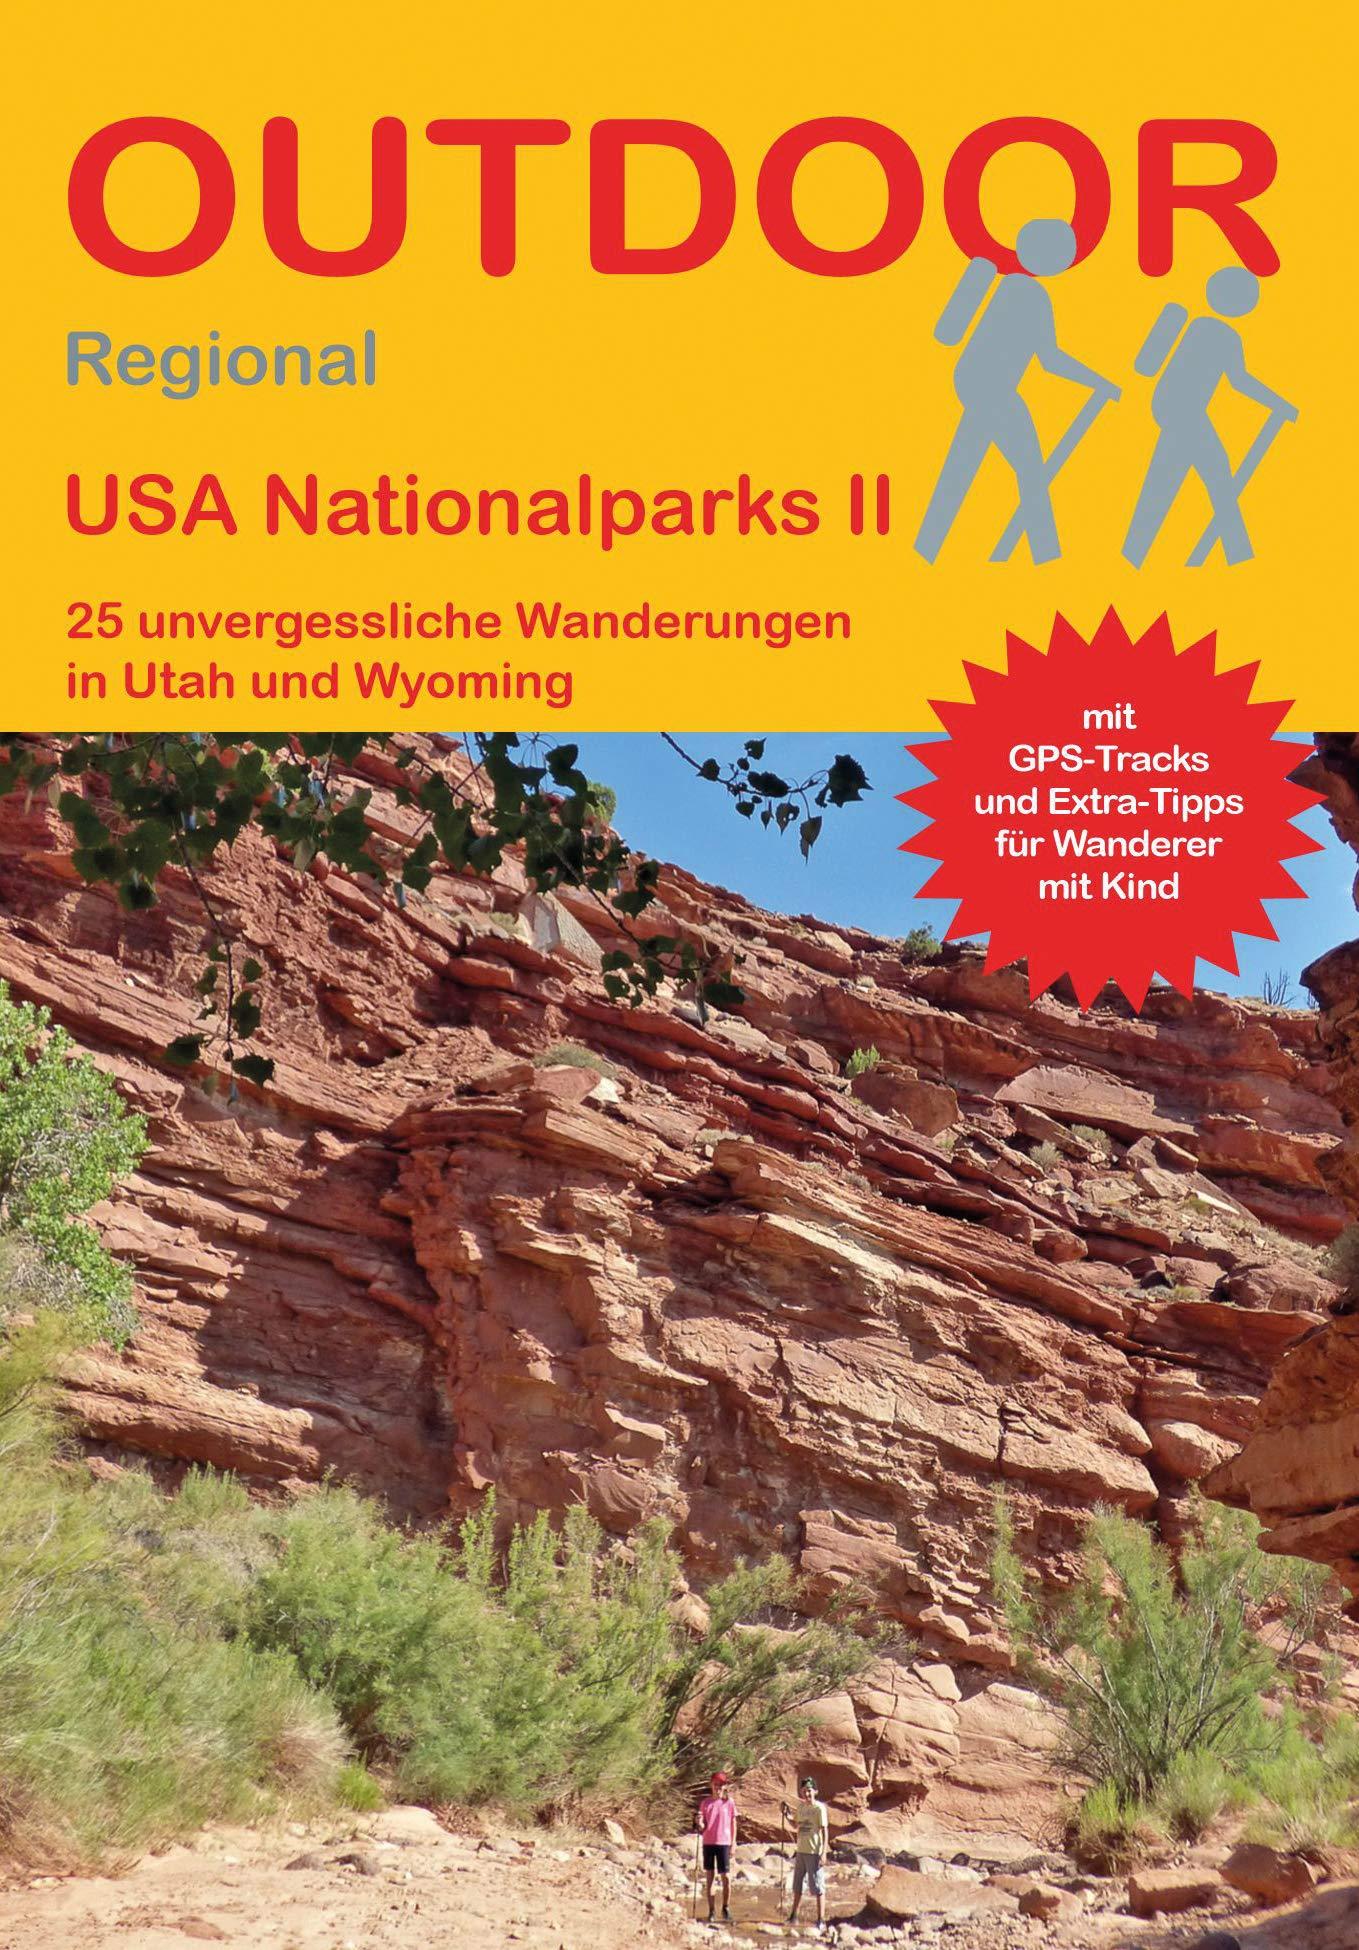 USA Nationalparks II: 25 unvergessliche Wanderungen in Utah und Wyoming (Outdoor Regional) Taschenbuch – 24. September 2018 Regina Stockmann Conrad Stein Verlag 3866865945 ID